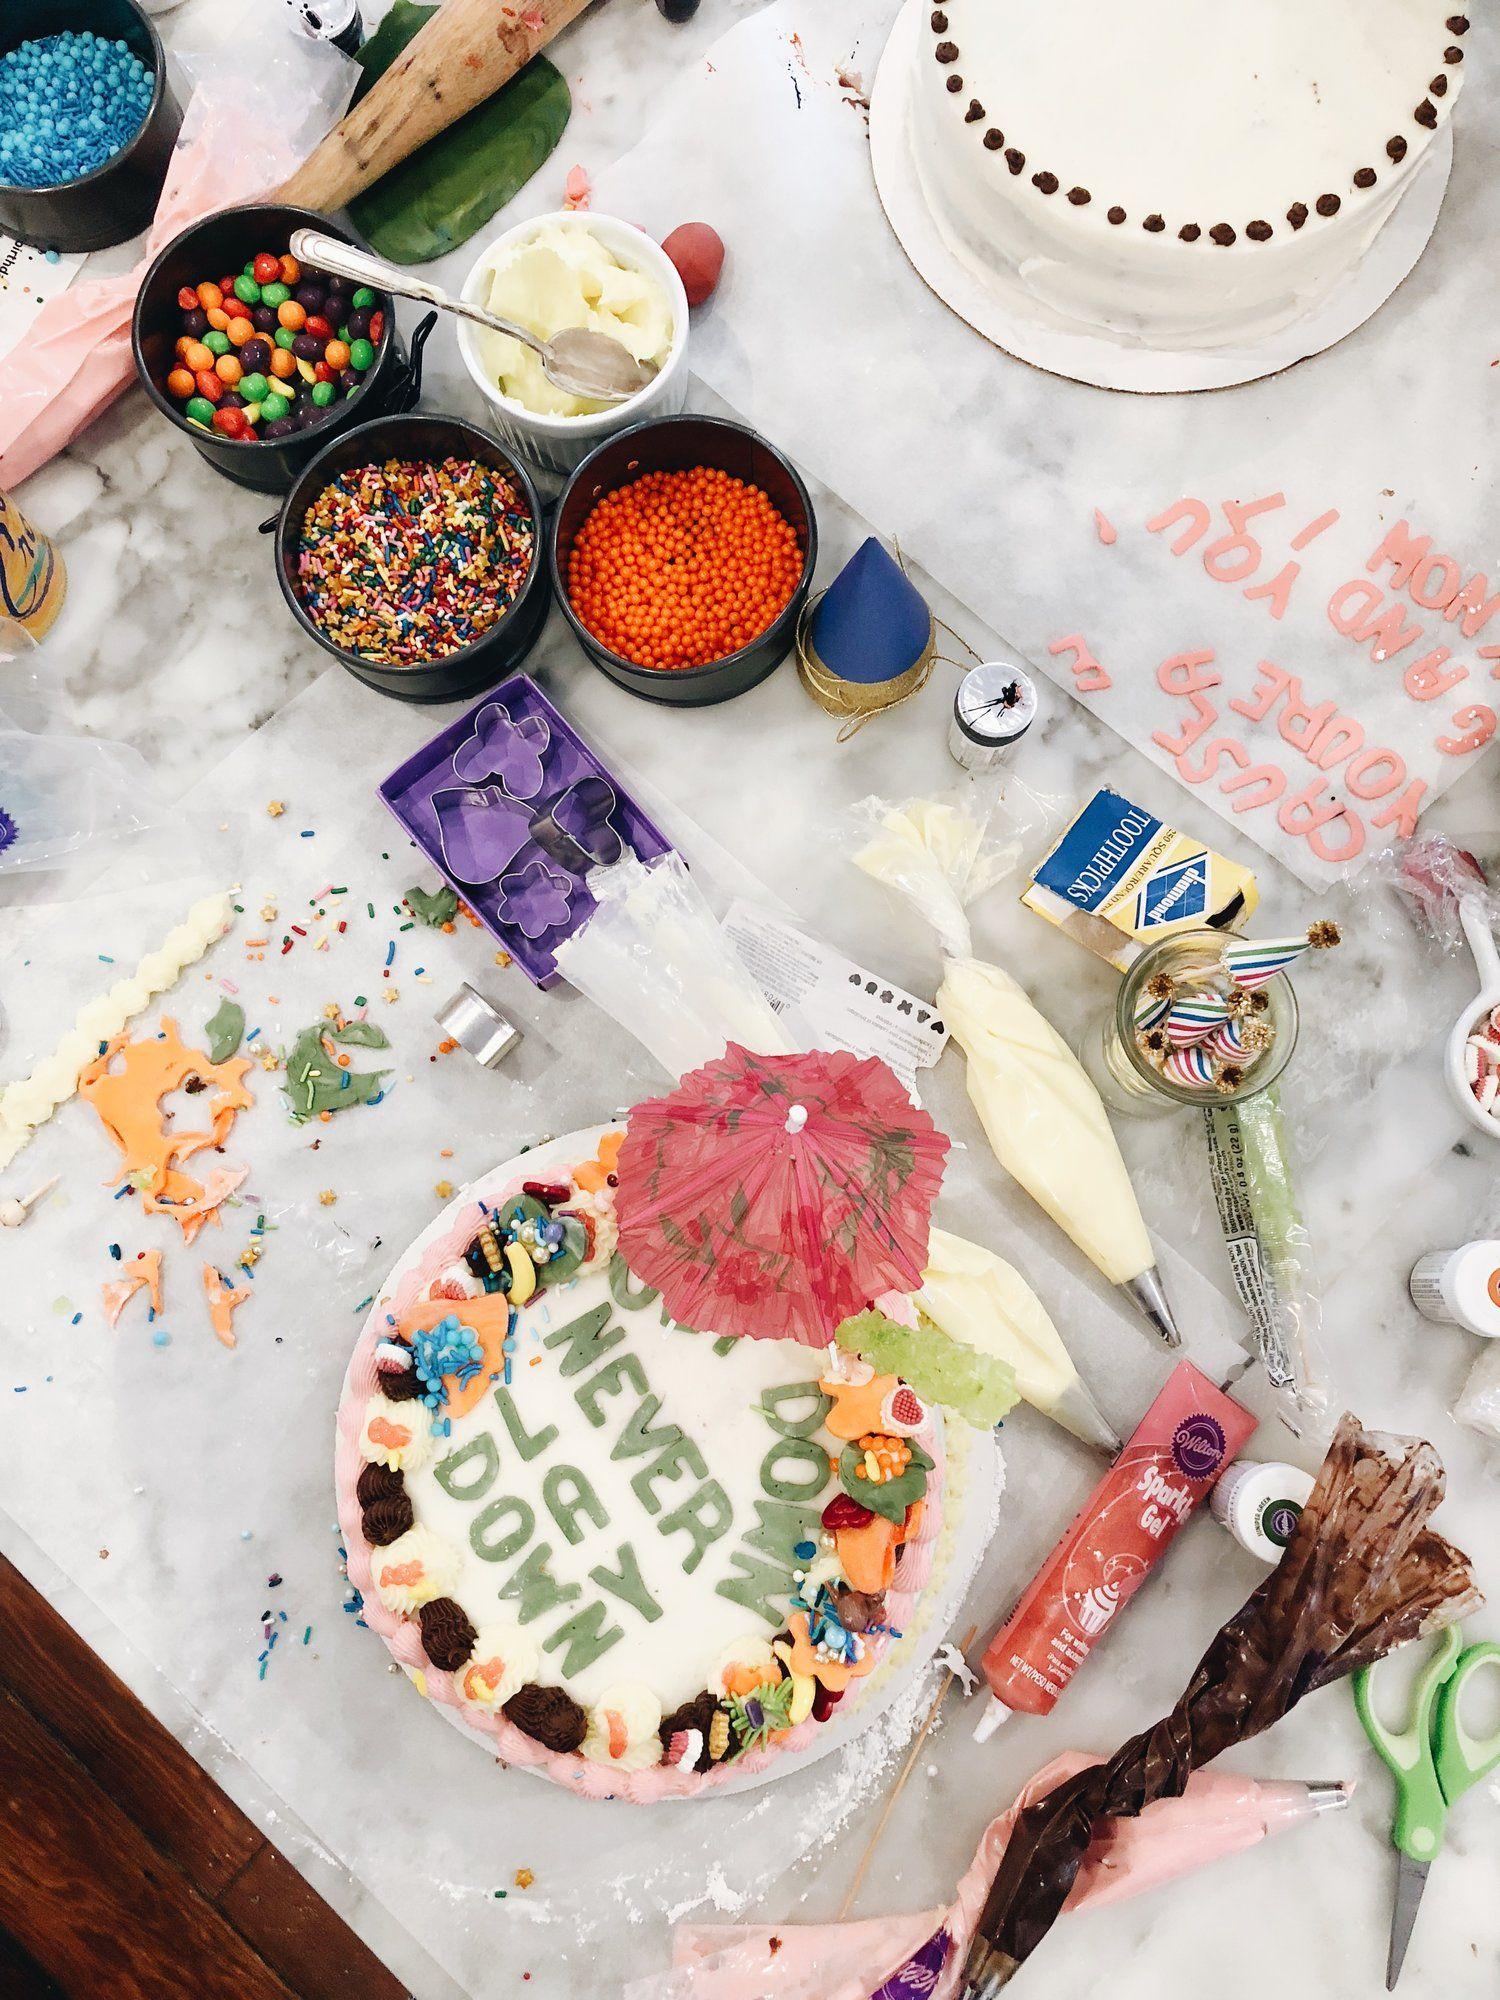 Drake on cake at drake cake cake bakehouse